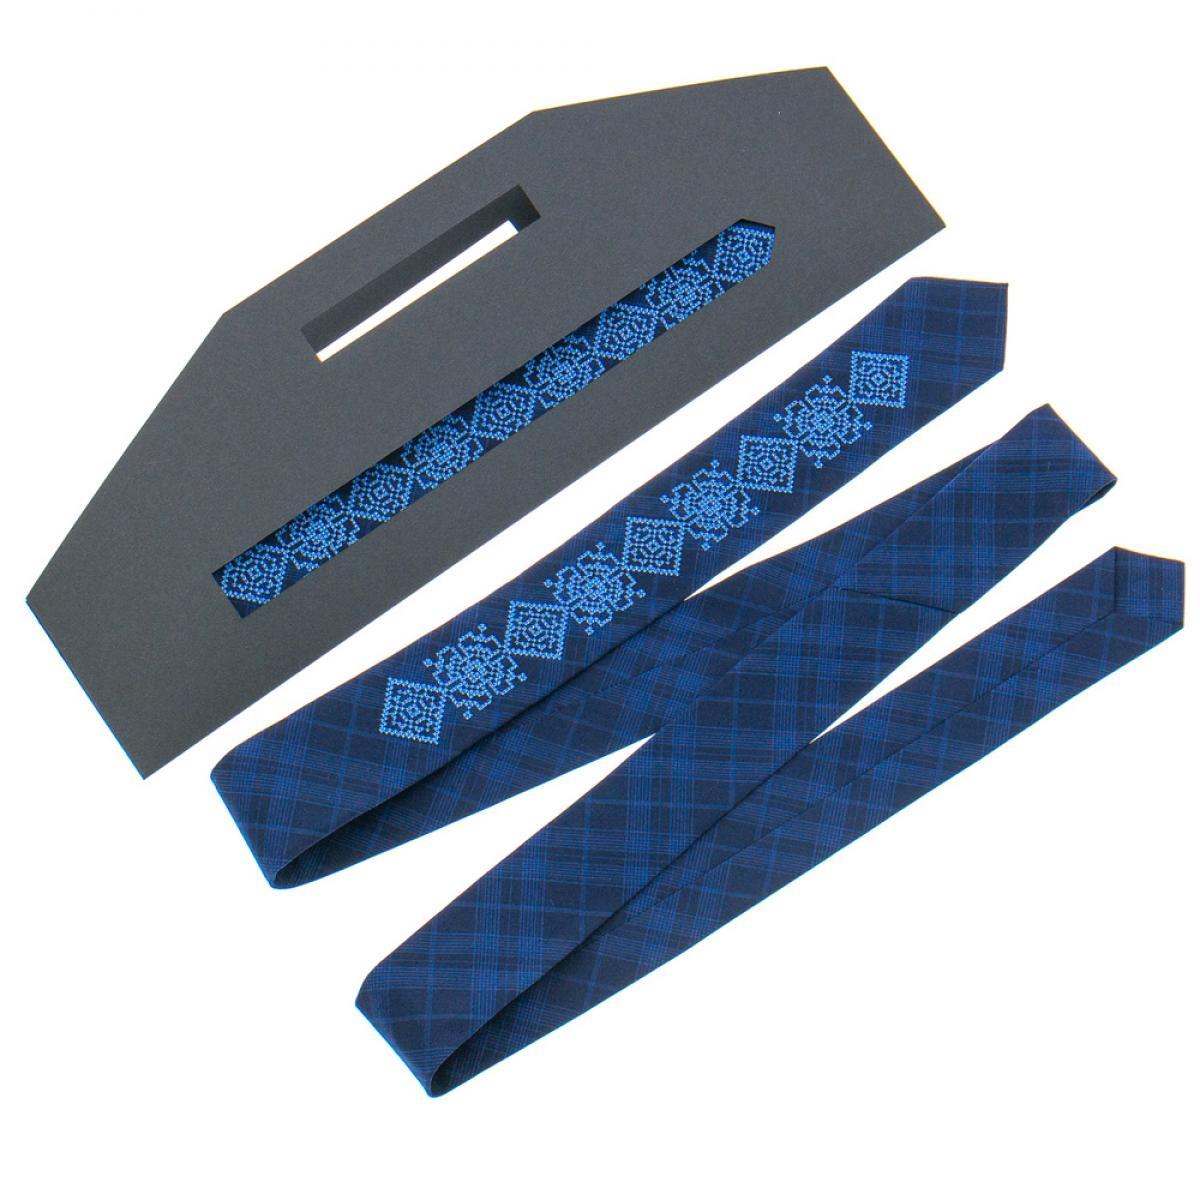 Тонка вишита краватка синя. Фото №1. | Народний дім Україна